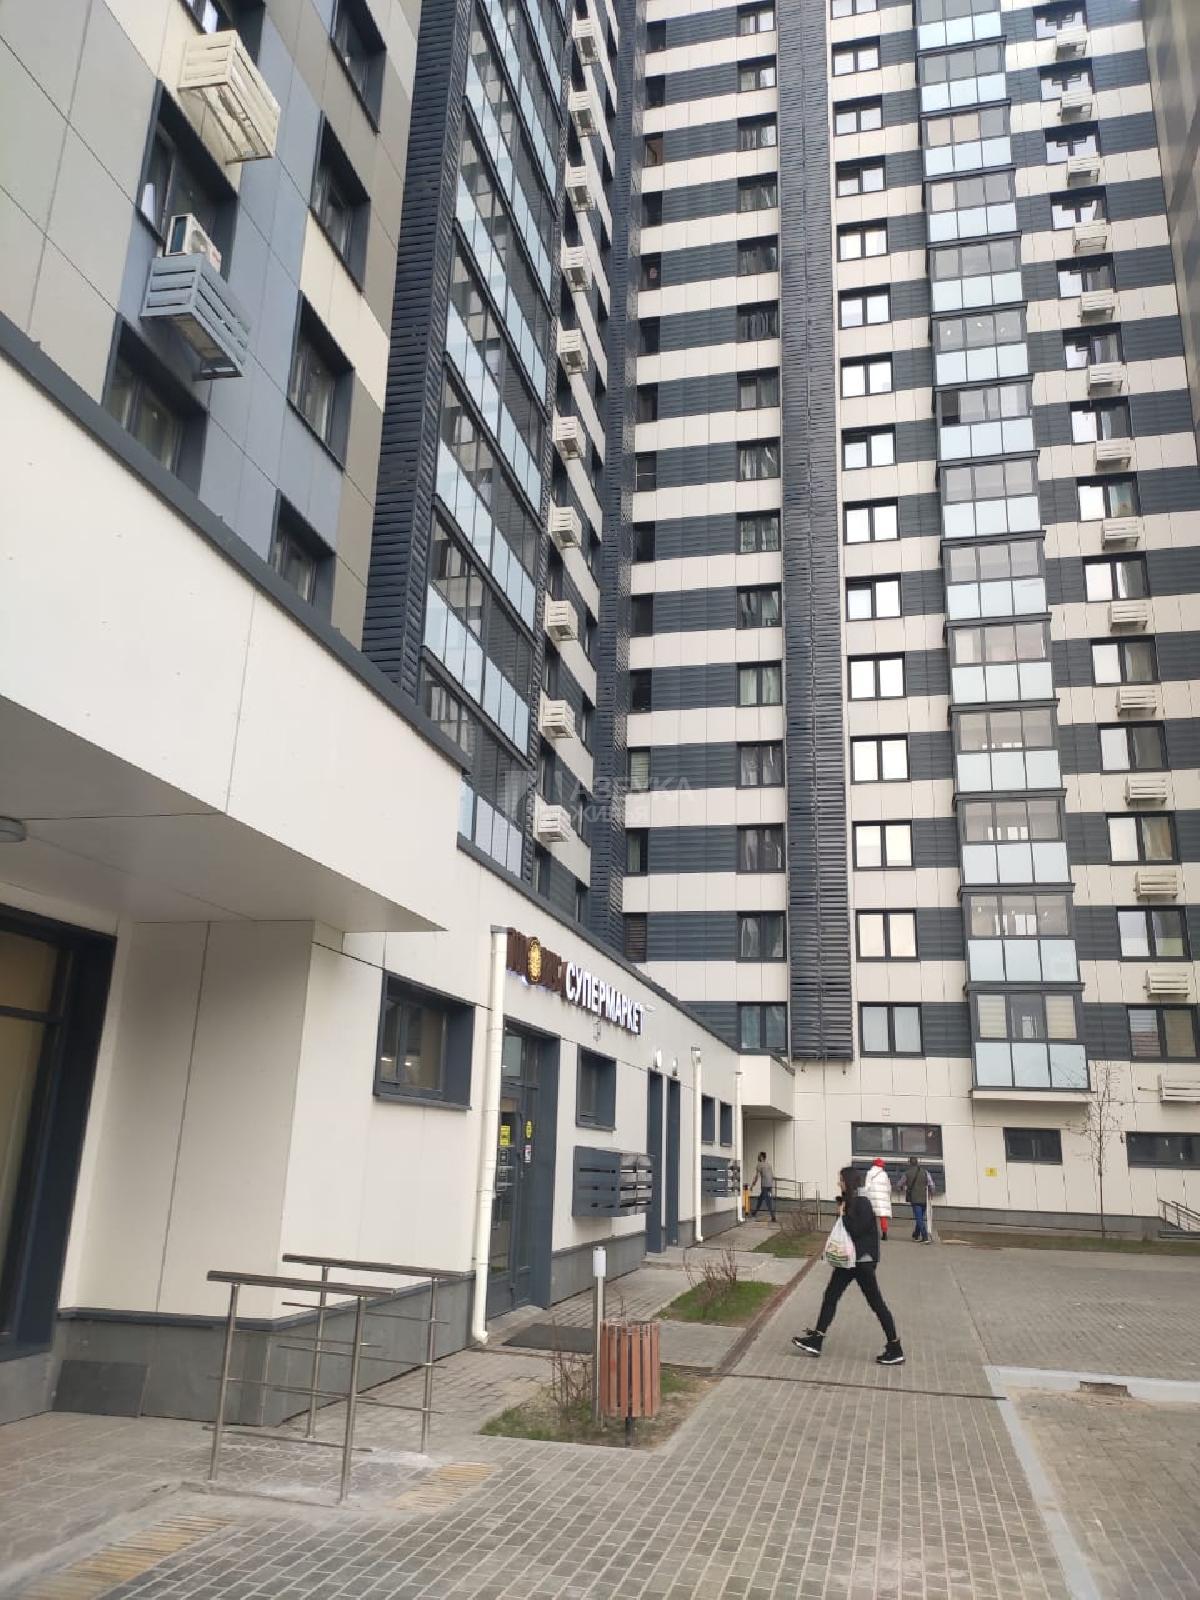 Фото №1 - 1-комнатная квартира, Люберцы, Инициативная улица 7 корпус  владение